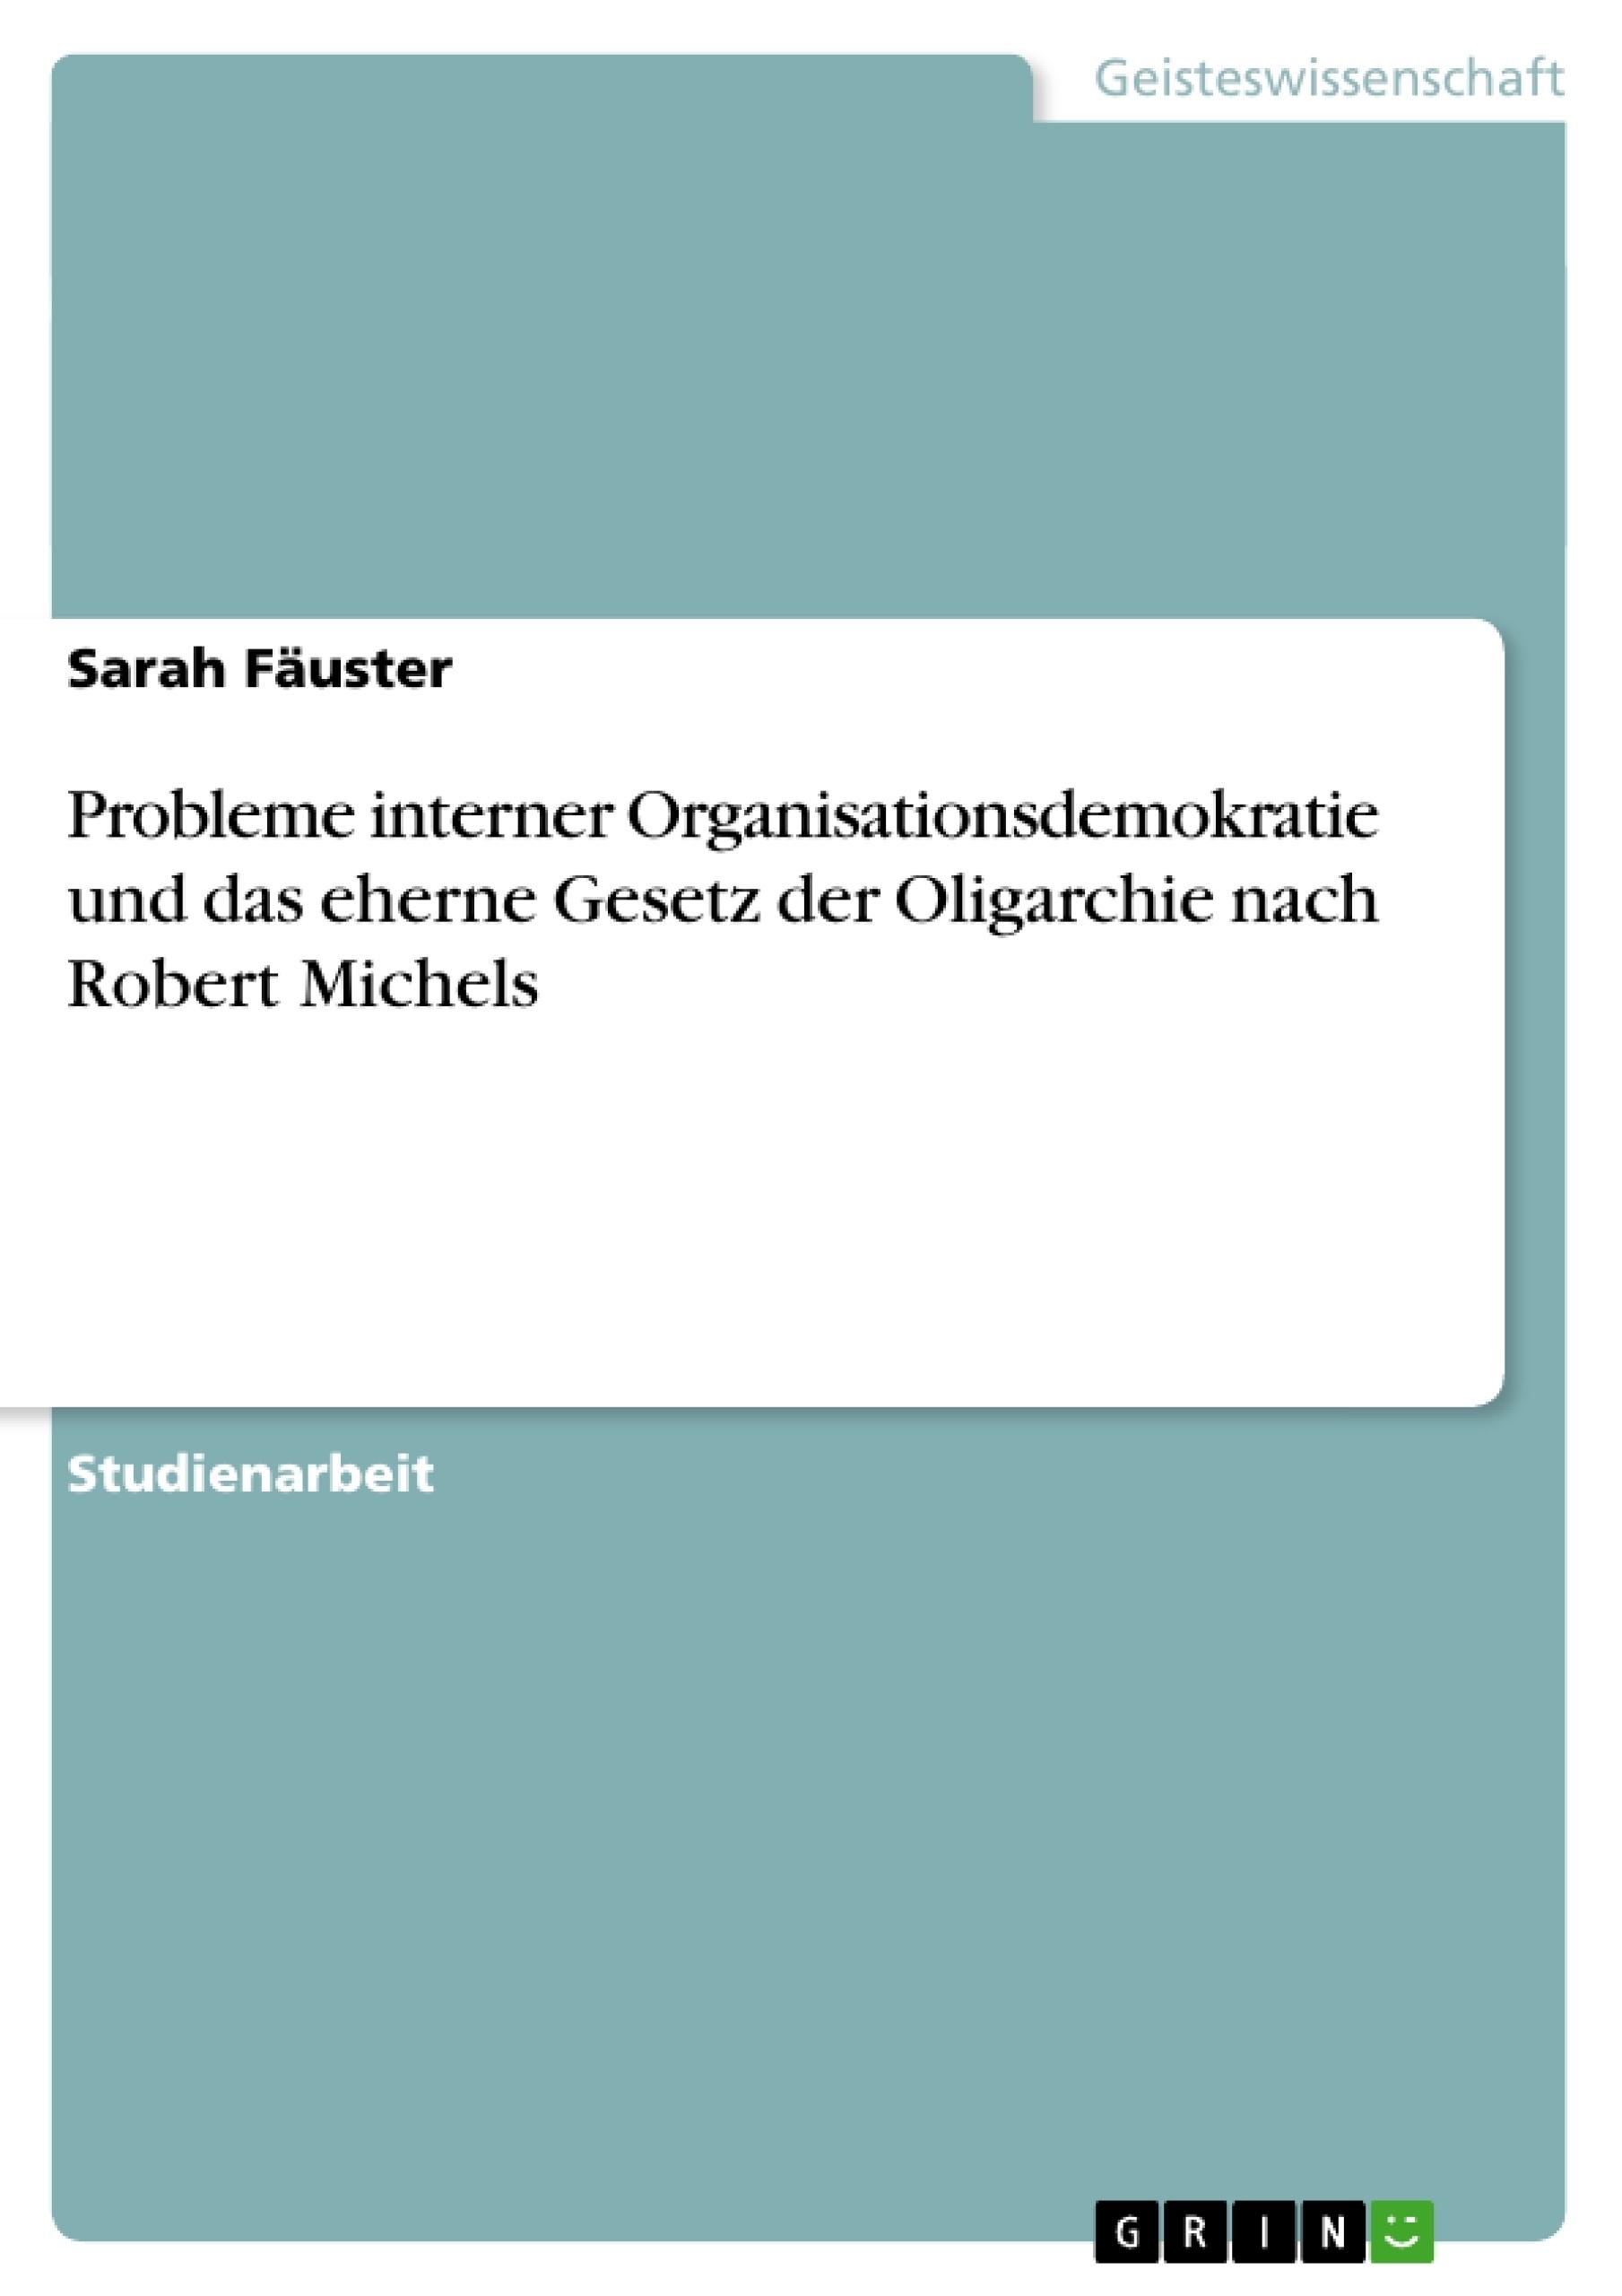 Titel: Probleme interner Organisationsdemokratie und das eherne Gesetz der Oligarchie nach Robert Michels